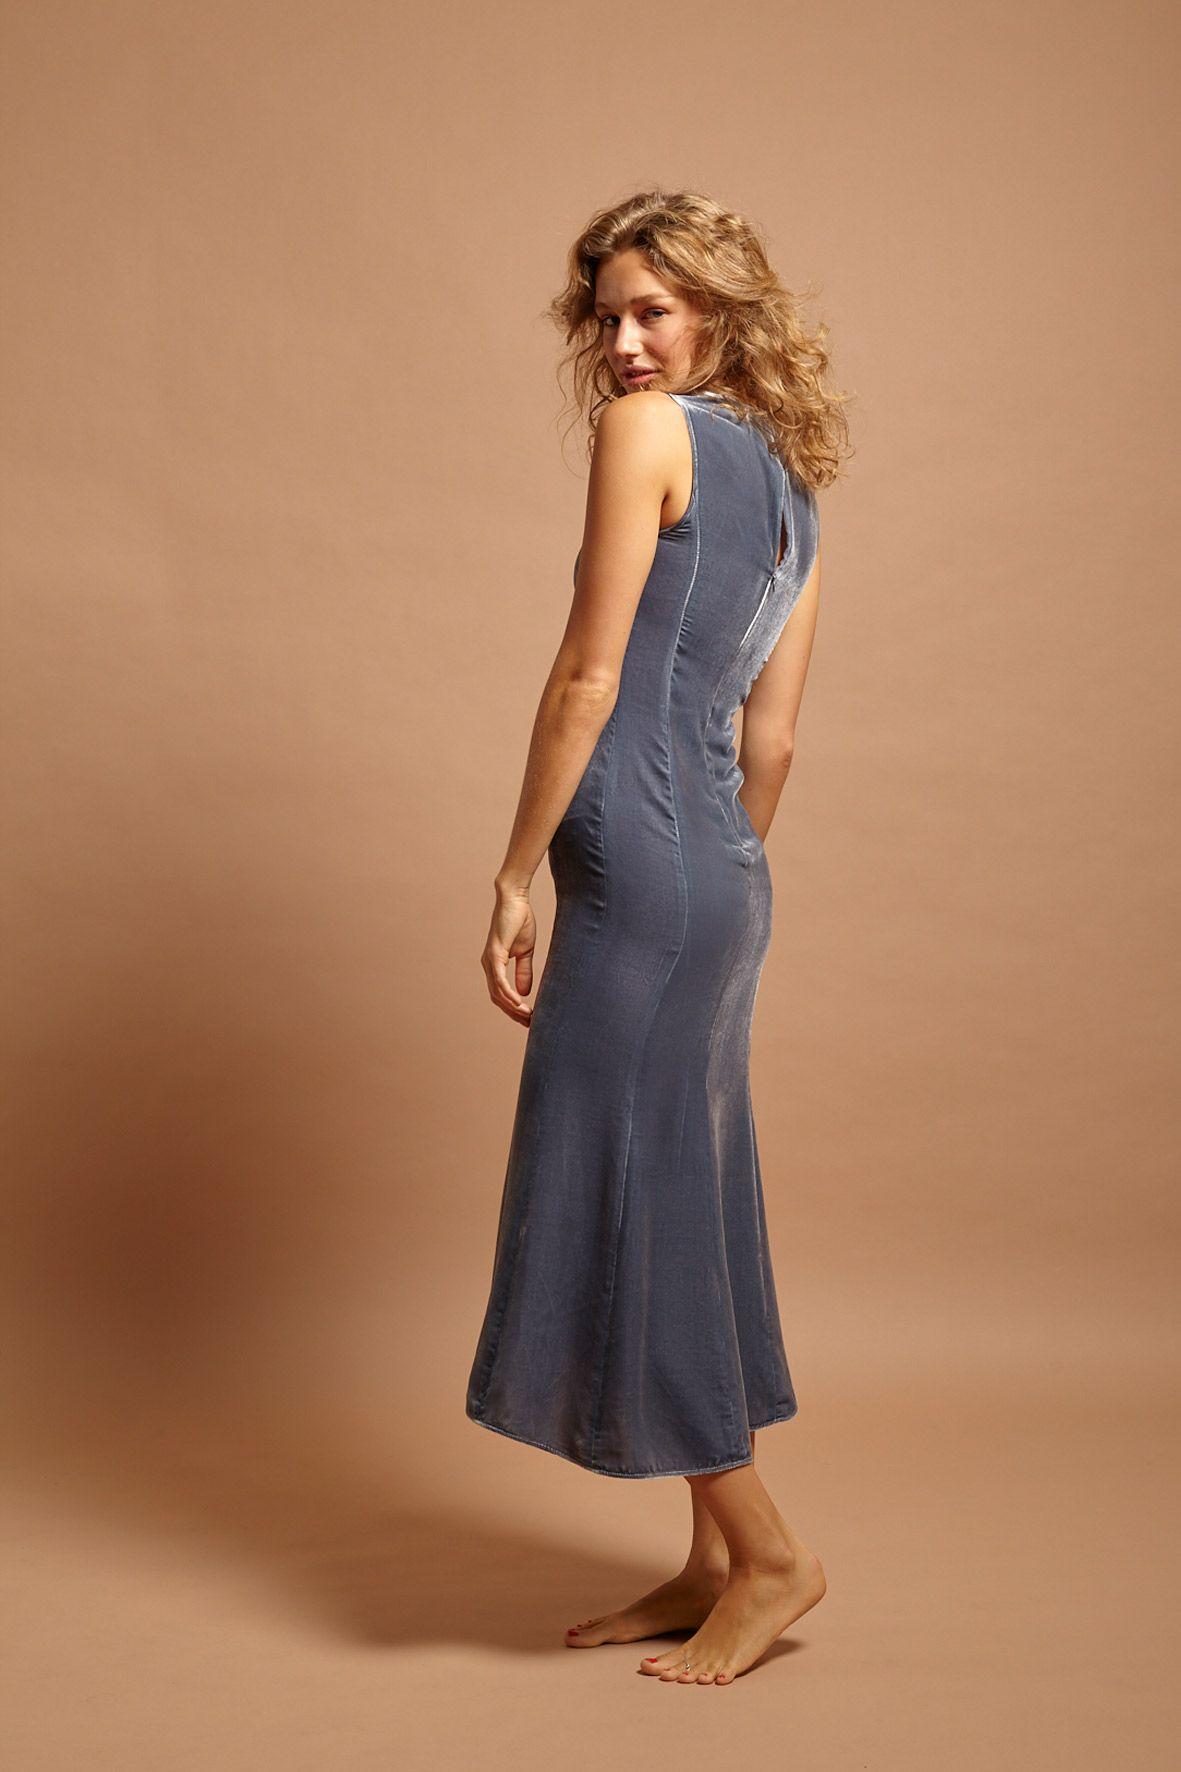 diseñadora-de-moda-Virginia Dress